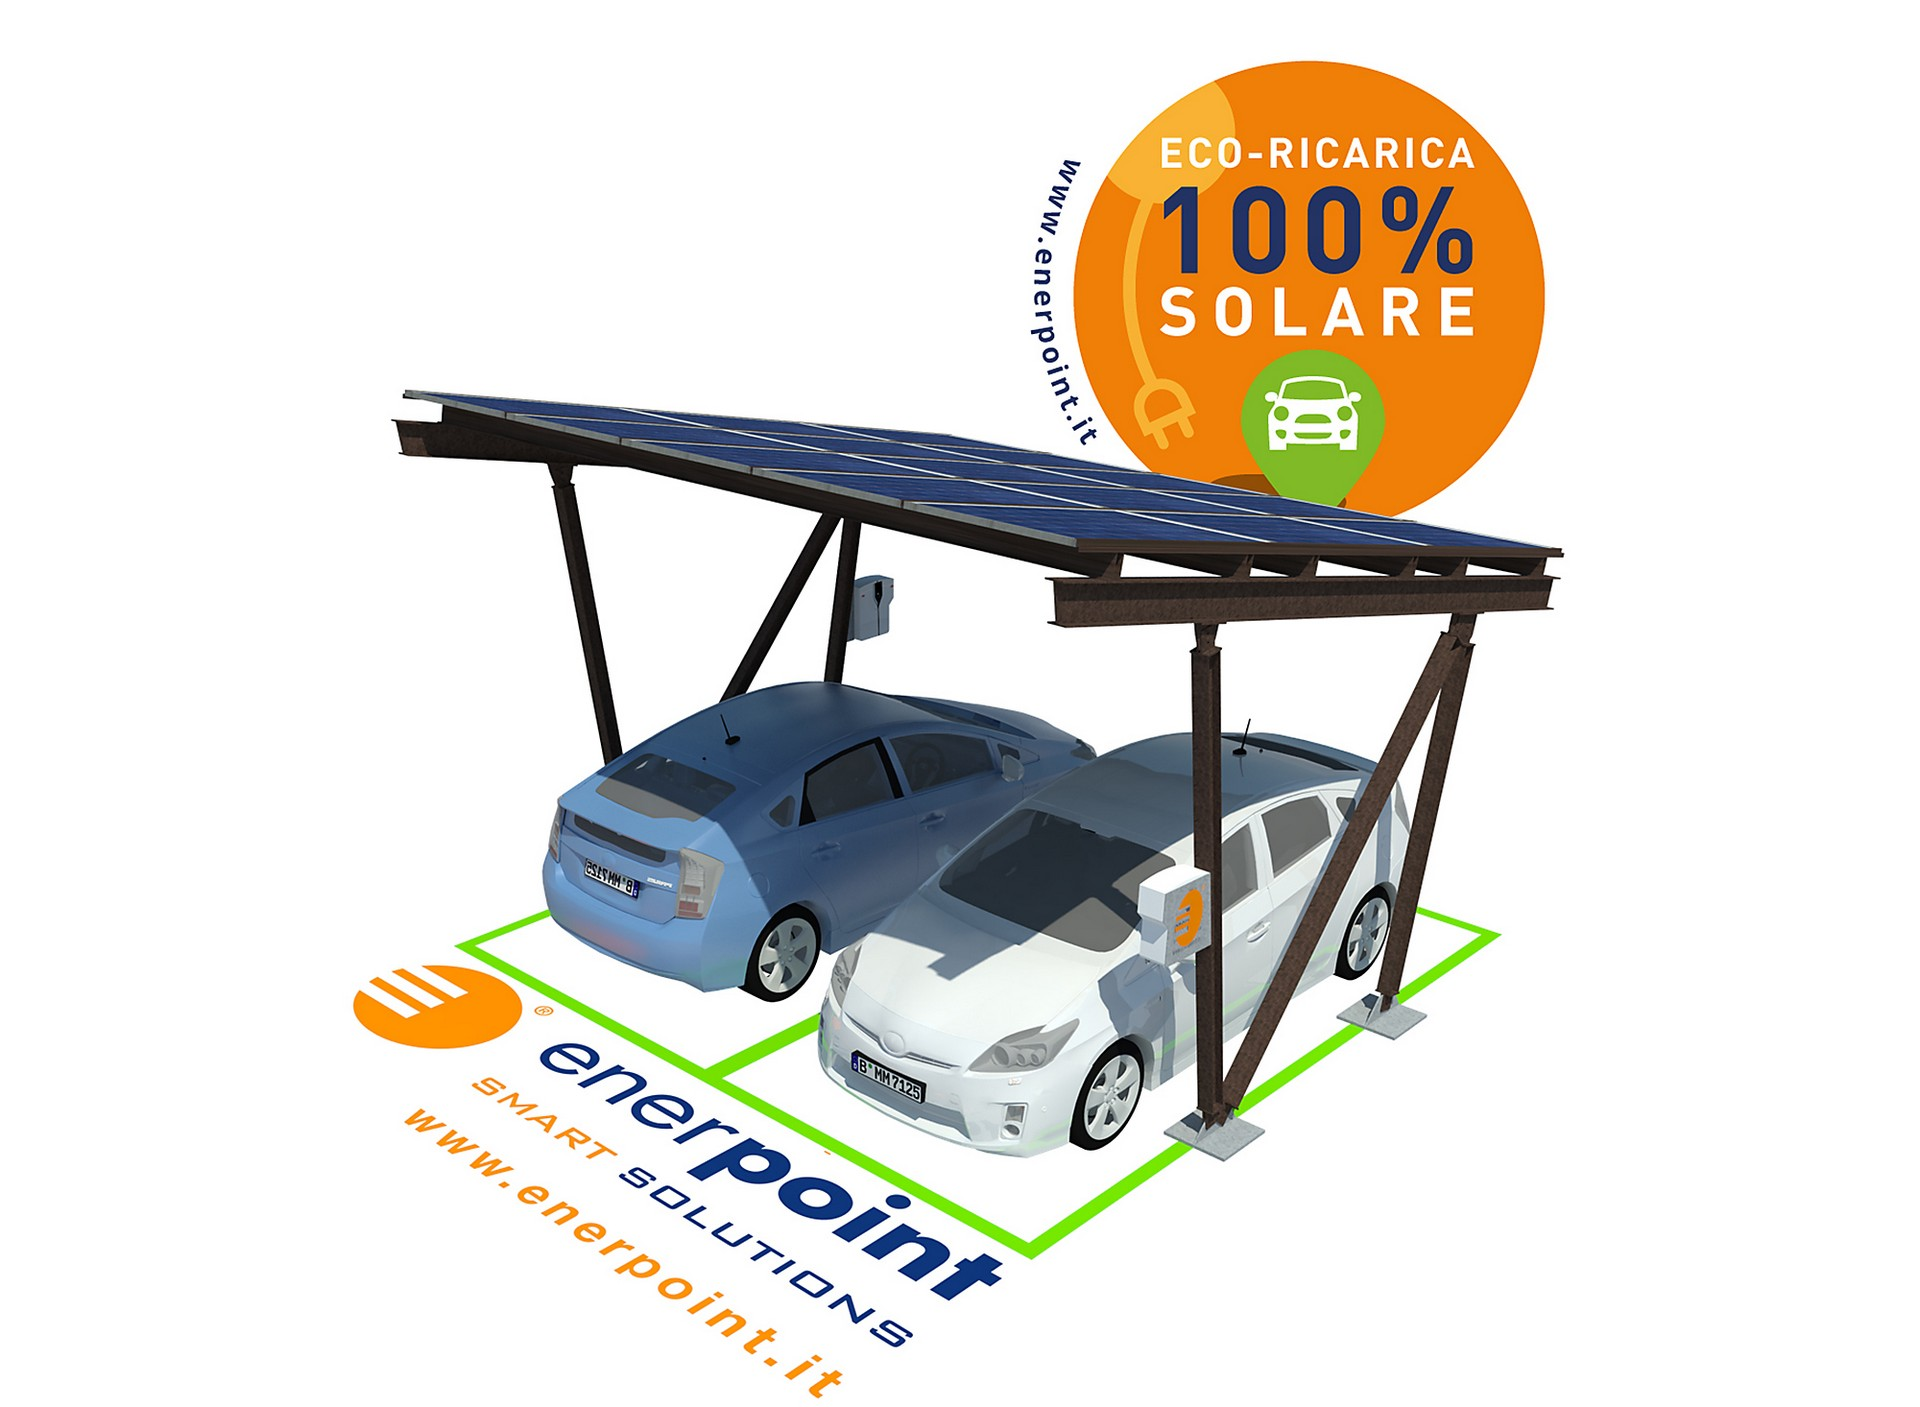 """Pannello Solare Per Ricaricare Auto Elettrica : Un """"pieno solare per l auto elettrica con enerpoint e"""